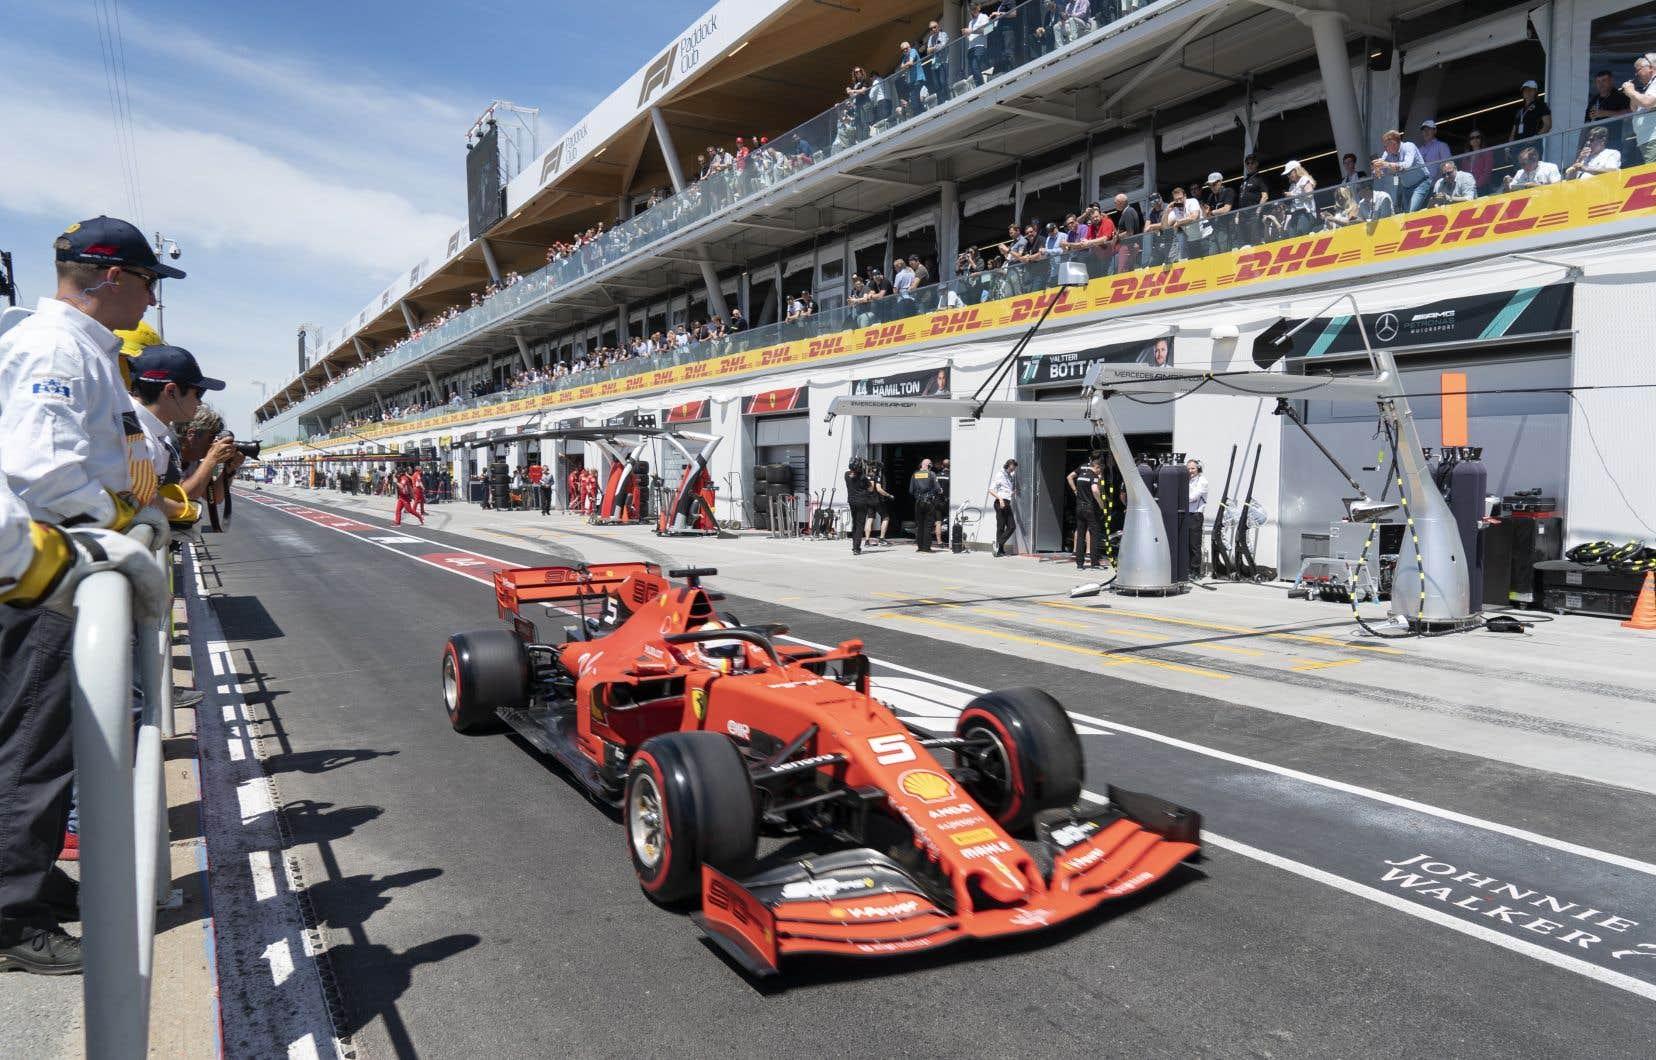 Sebastian Vettela collé 2 dixièmes de seconde à son plus proche poursuivant, avec un temps d'une minute 10,24 secondes.